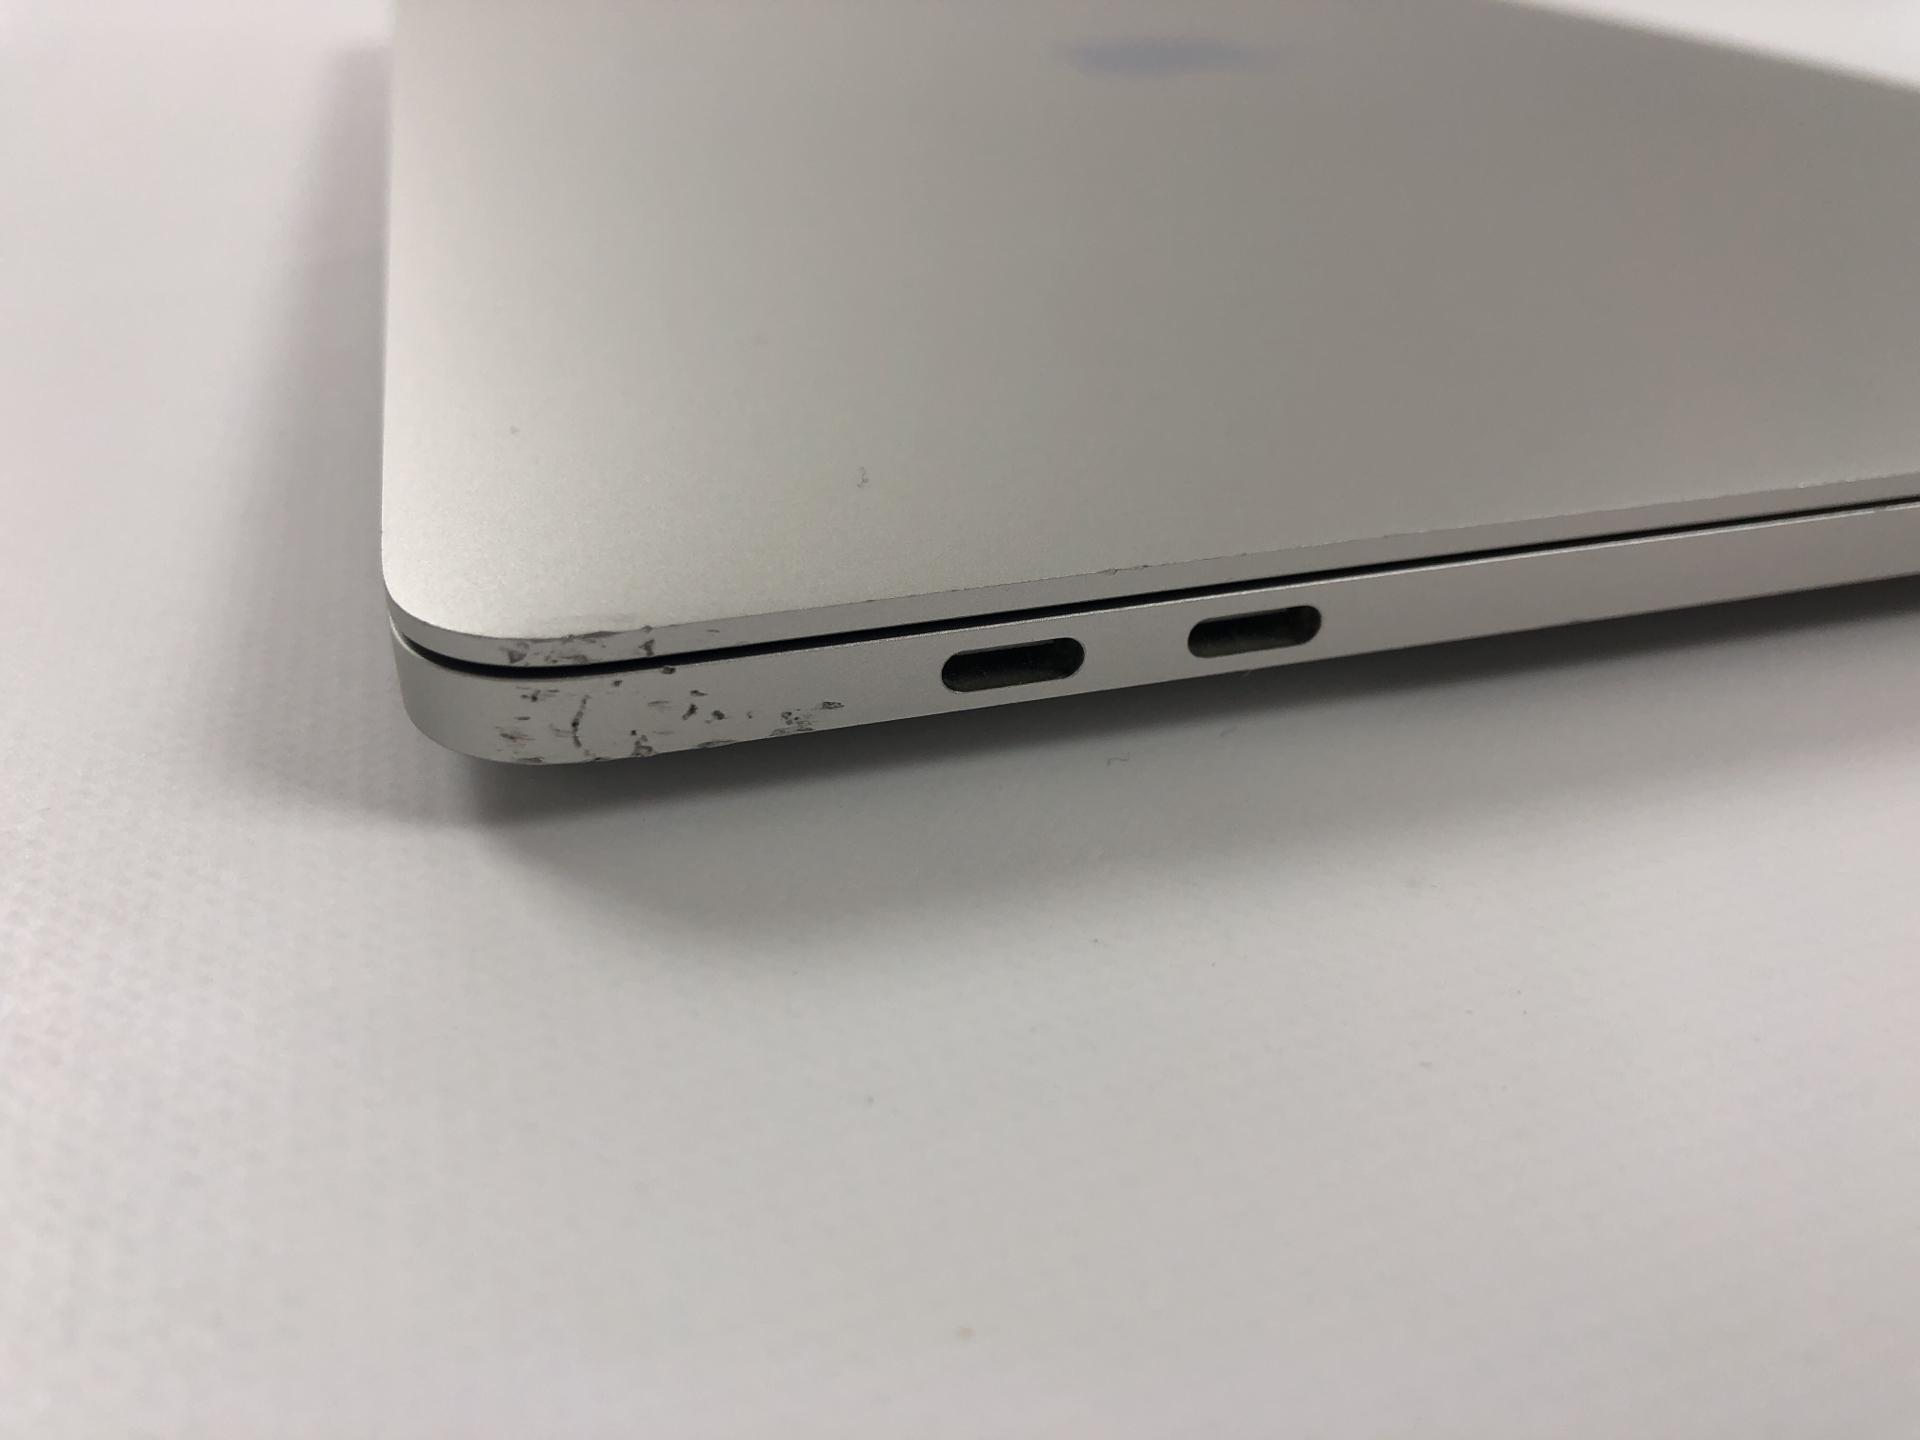 """MacBook Pro 13"""" 4TBT Mid 2017 (Intel Core i5 3.1 GHz 8 GB RAM 512 GB SSD), Silver, Intel Core i5 3.1 GHz, 8 GB RAM, 512 GB SSD, bild 3"""